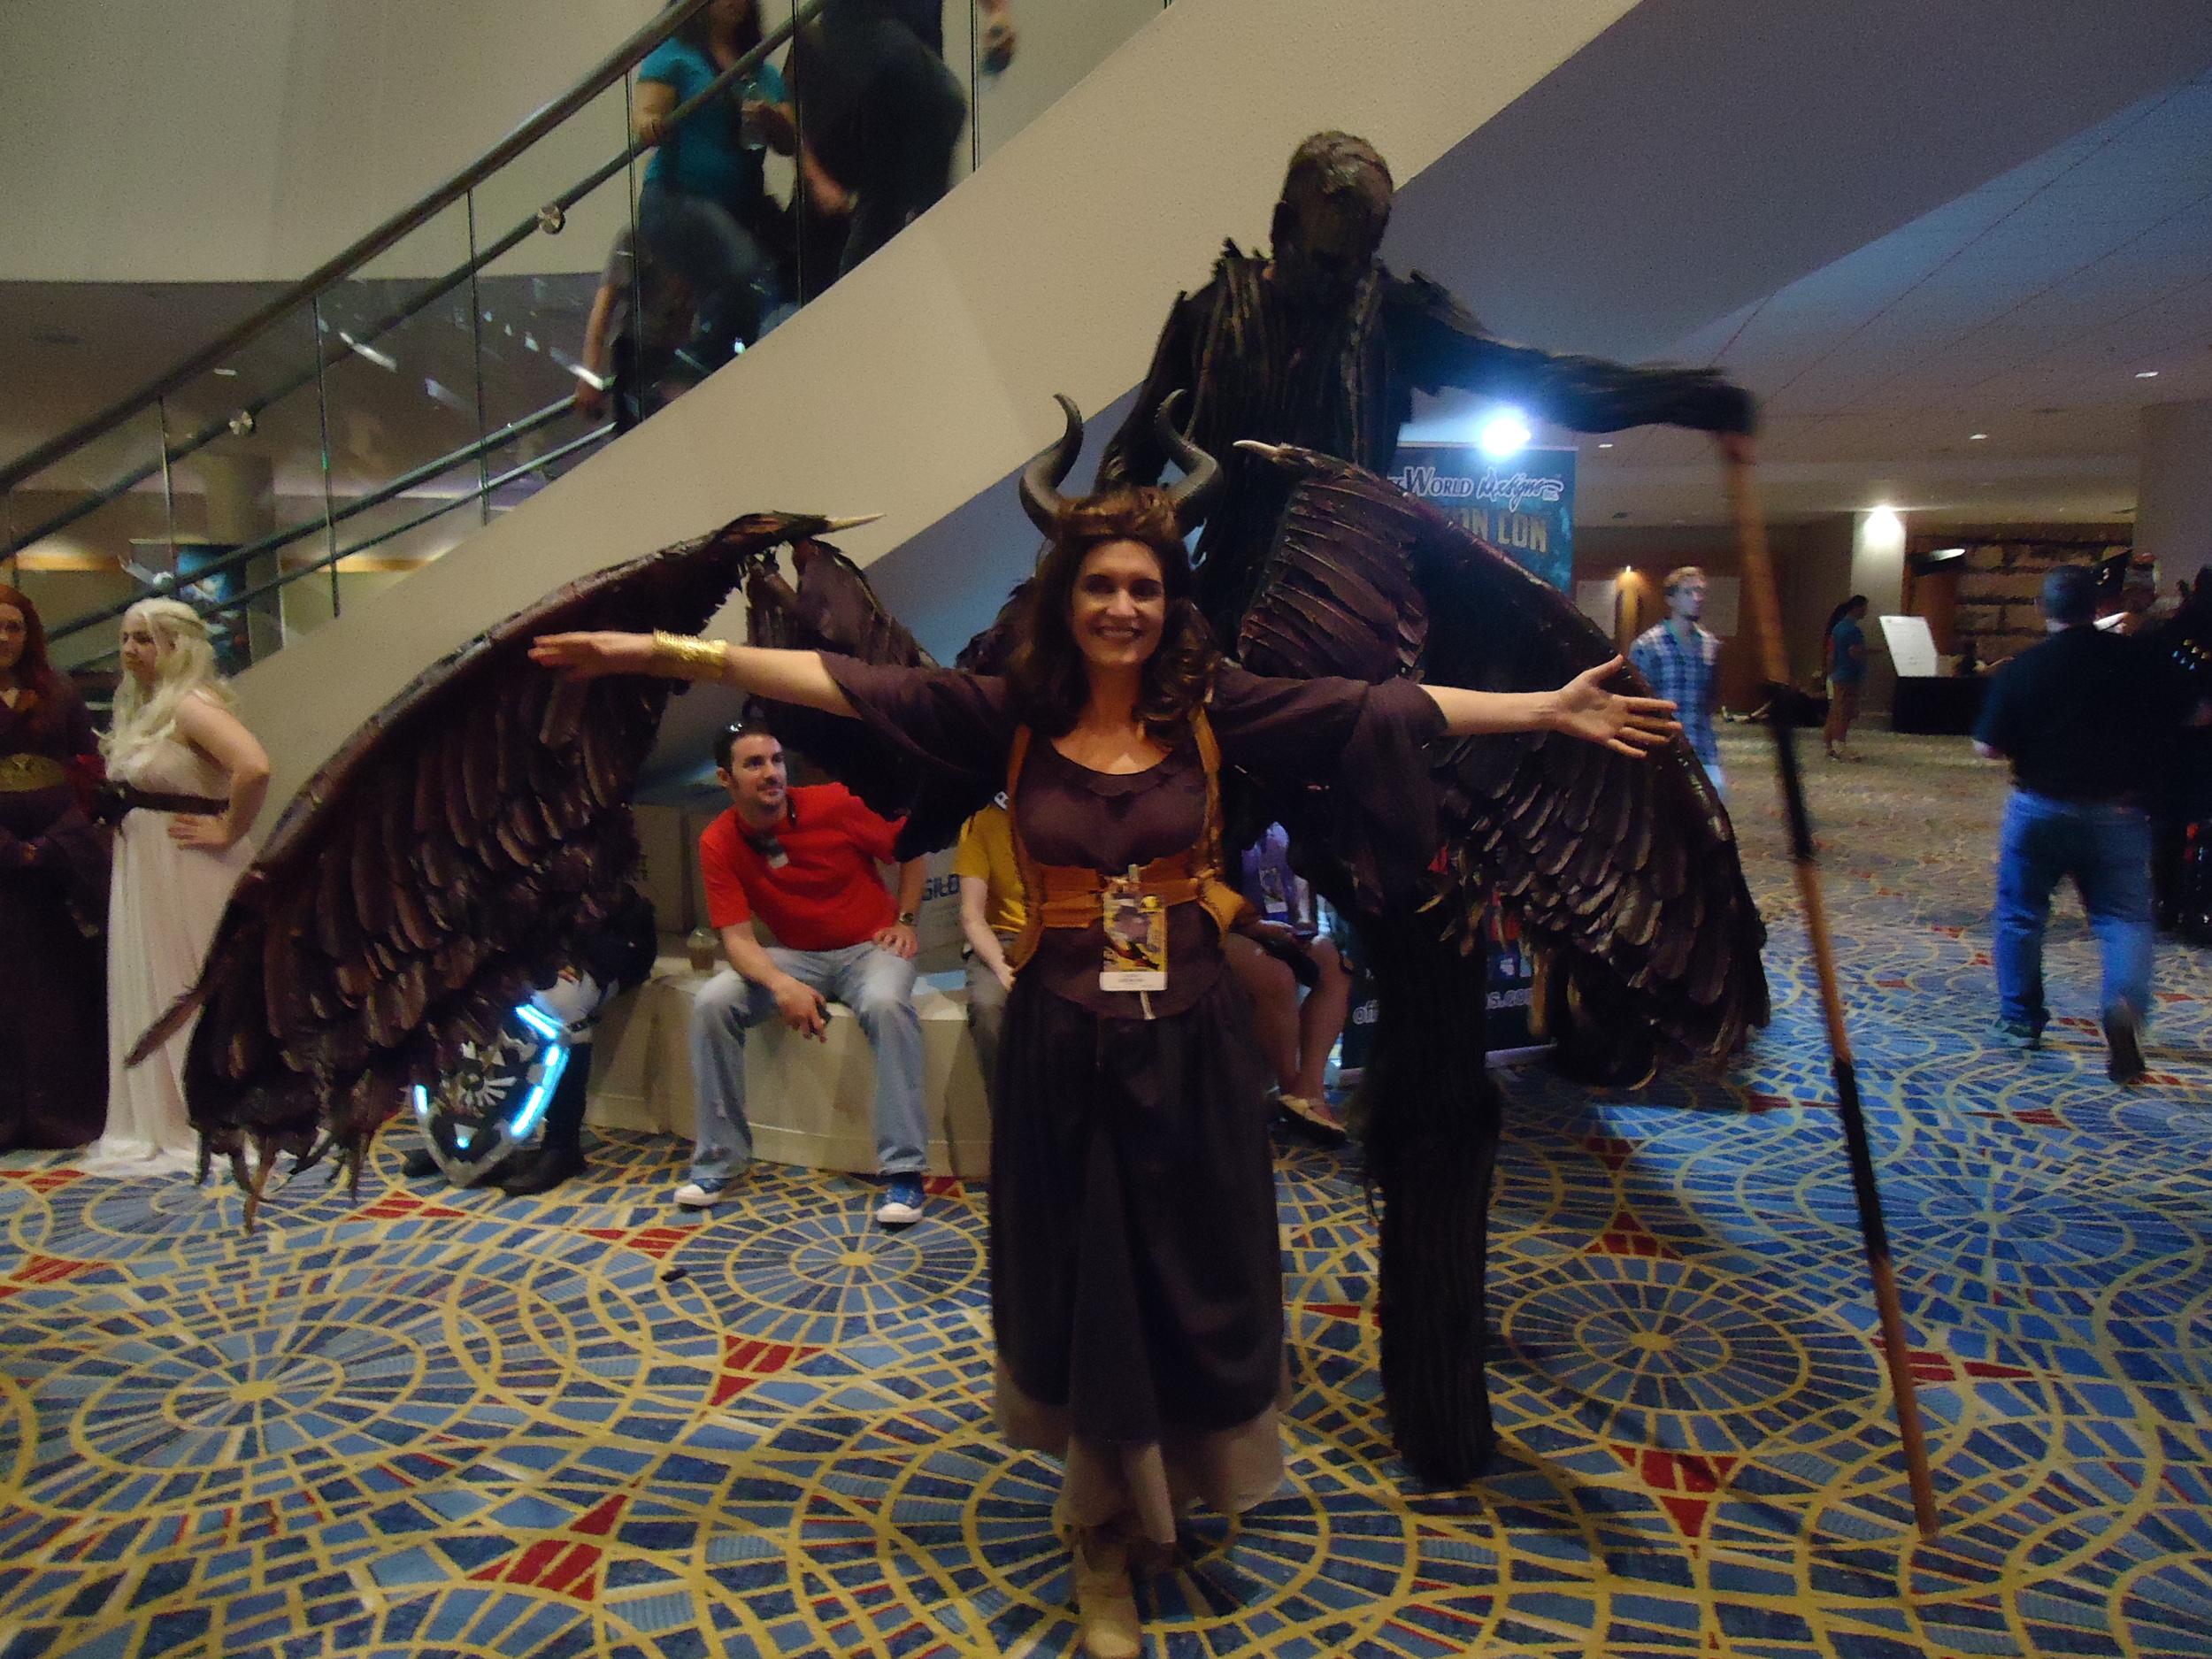 Dragon Con in Atlanta, 2014